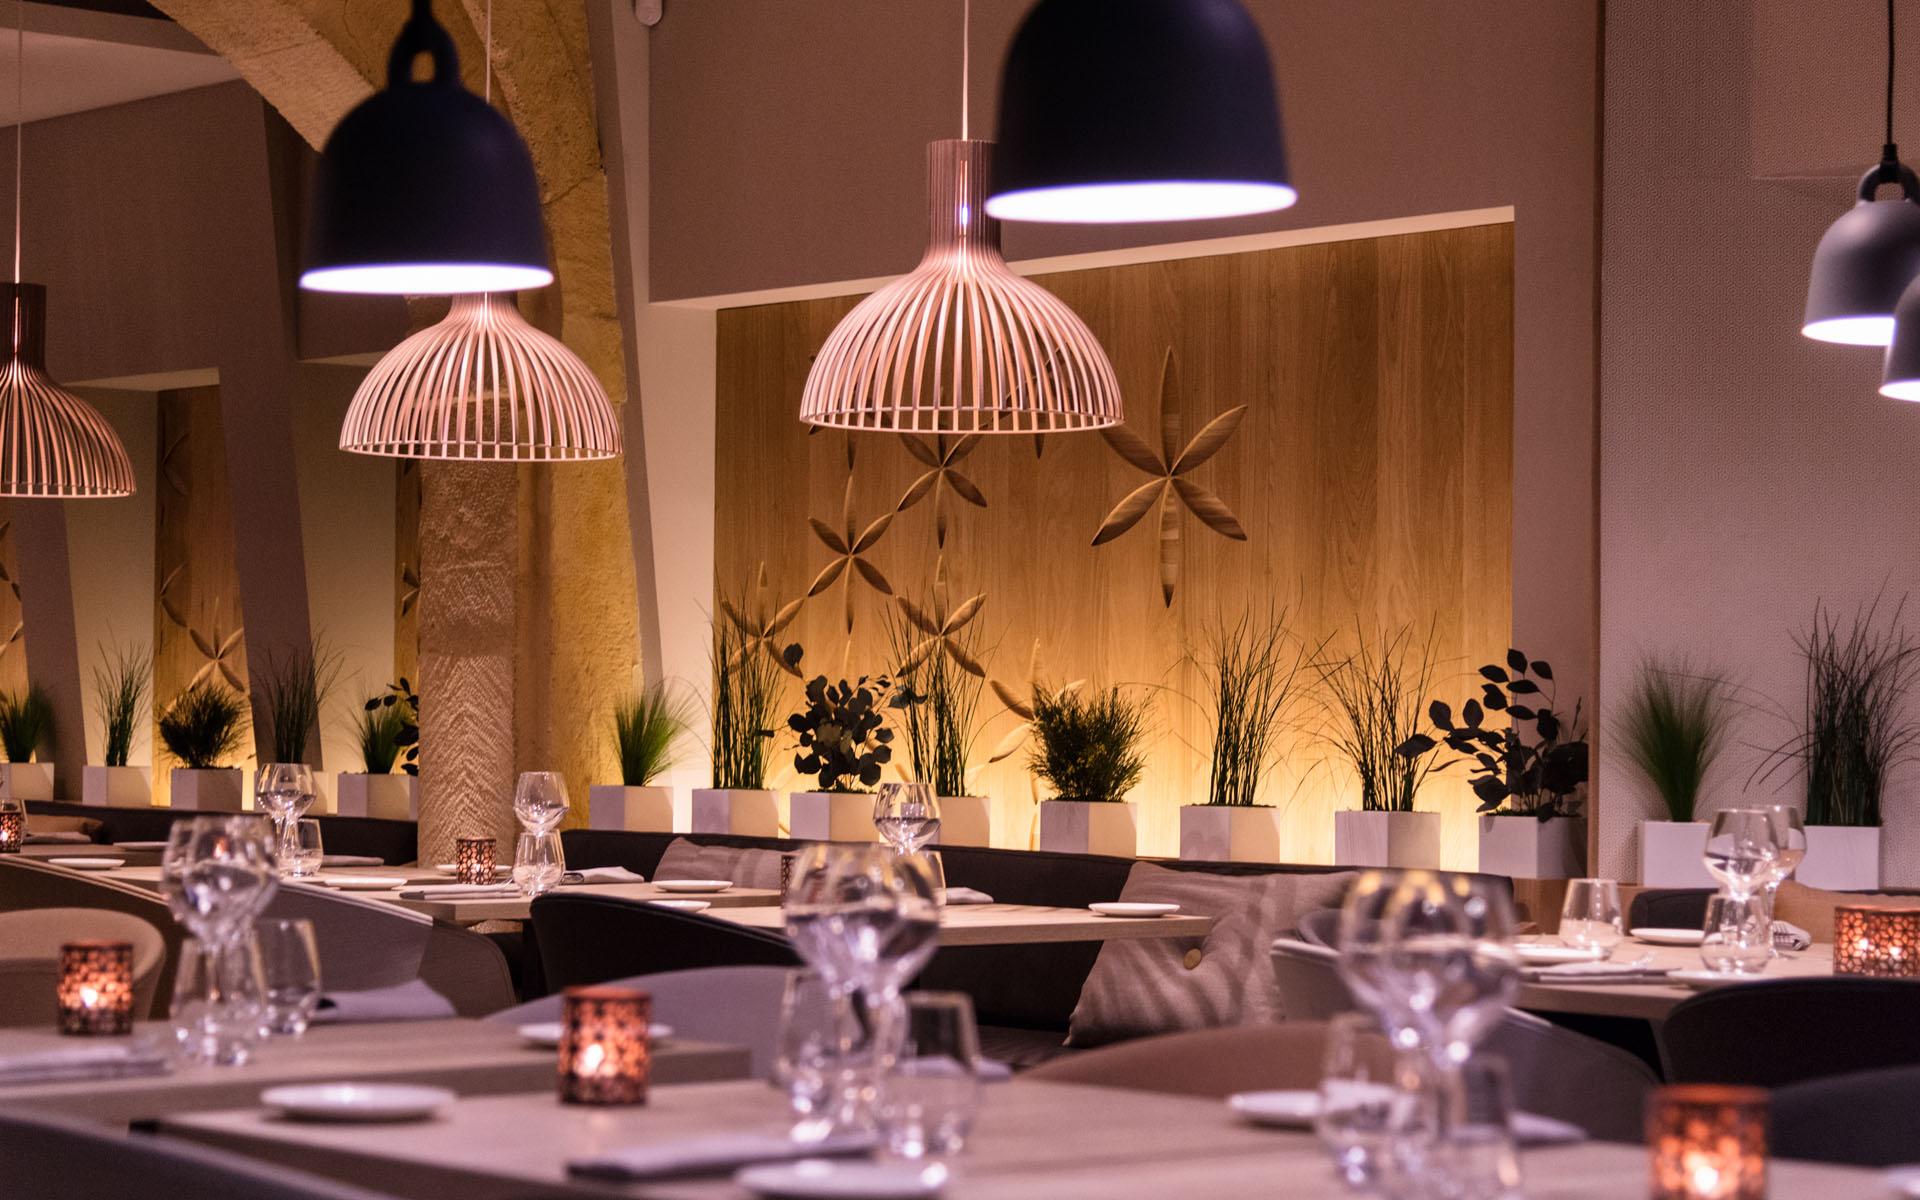 intérieur du restaurant coté cour à aix en provence 2